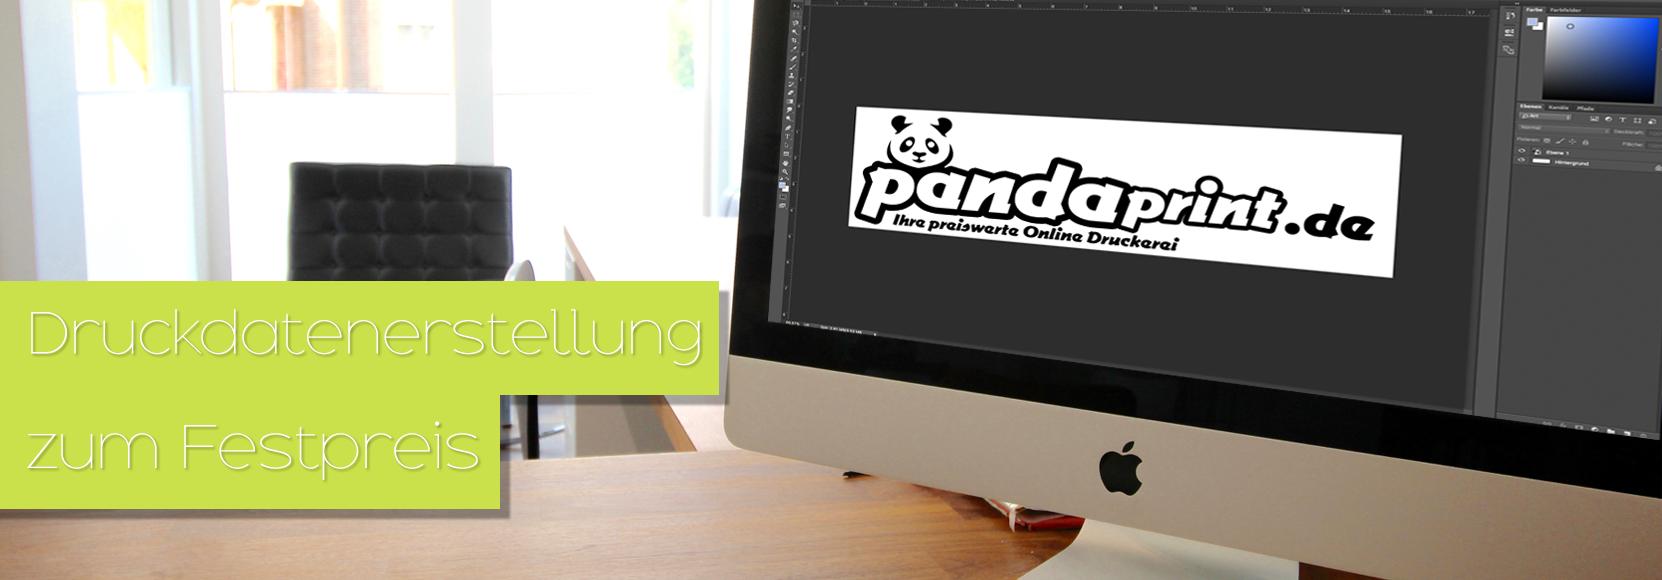 Pandaprint De Ihre Preiswerte Online Druckerei